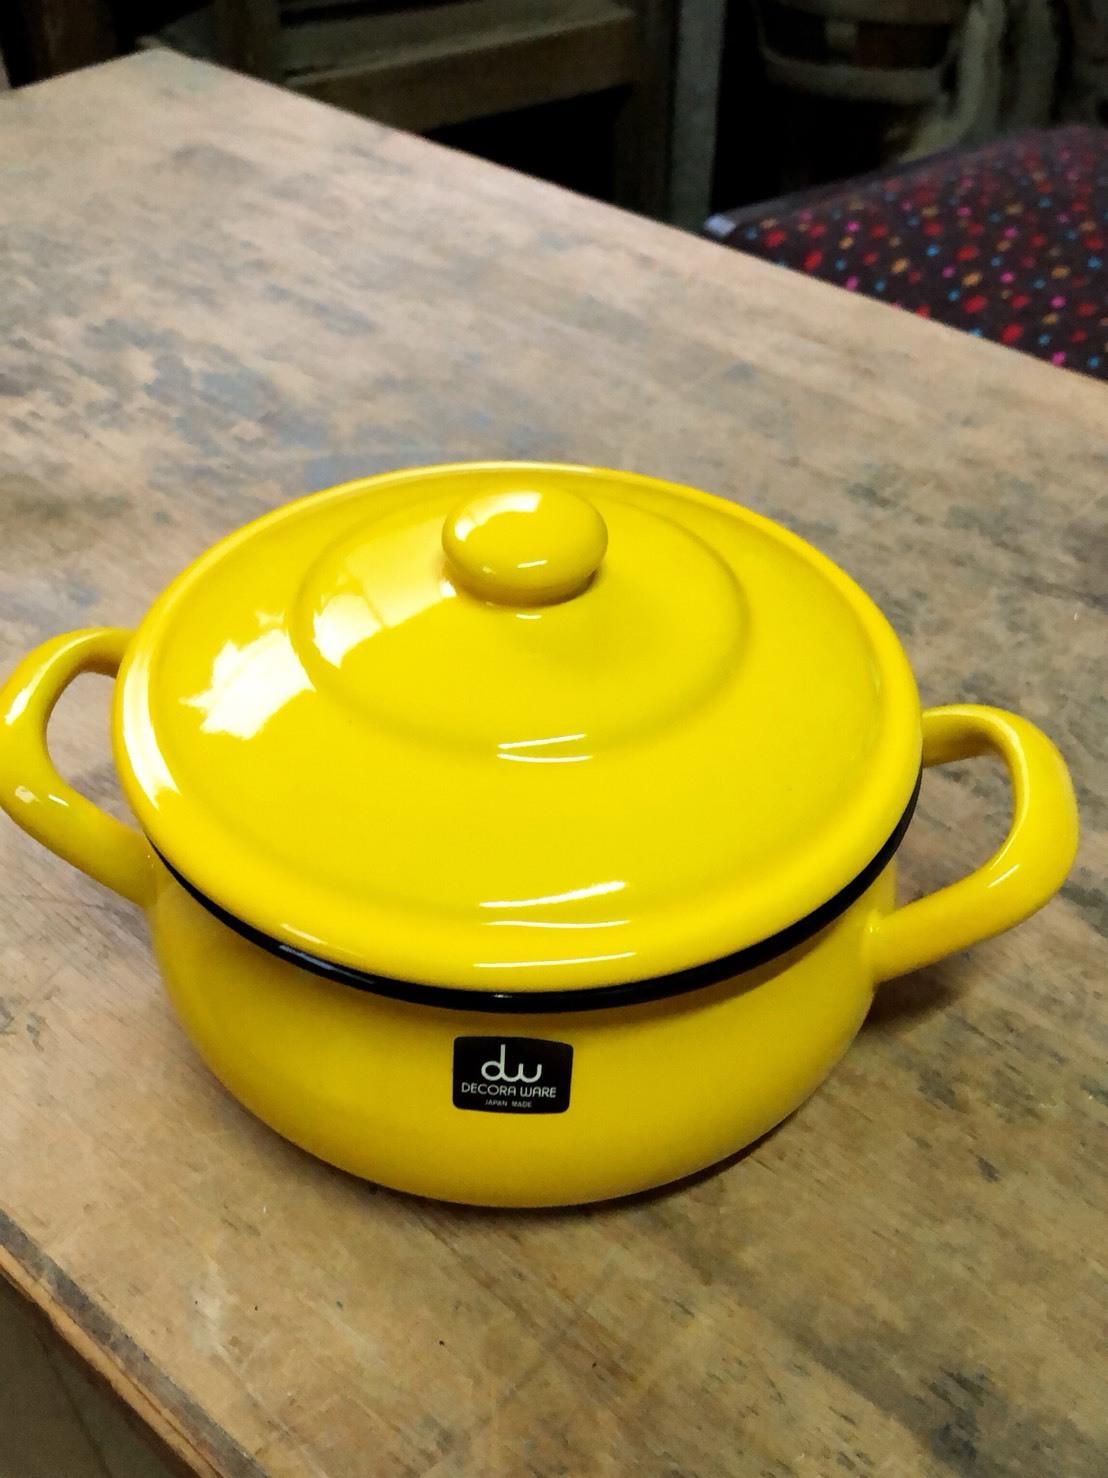 デコラウェア  黄色の両手鍋  小ぶりだよ。